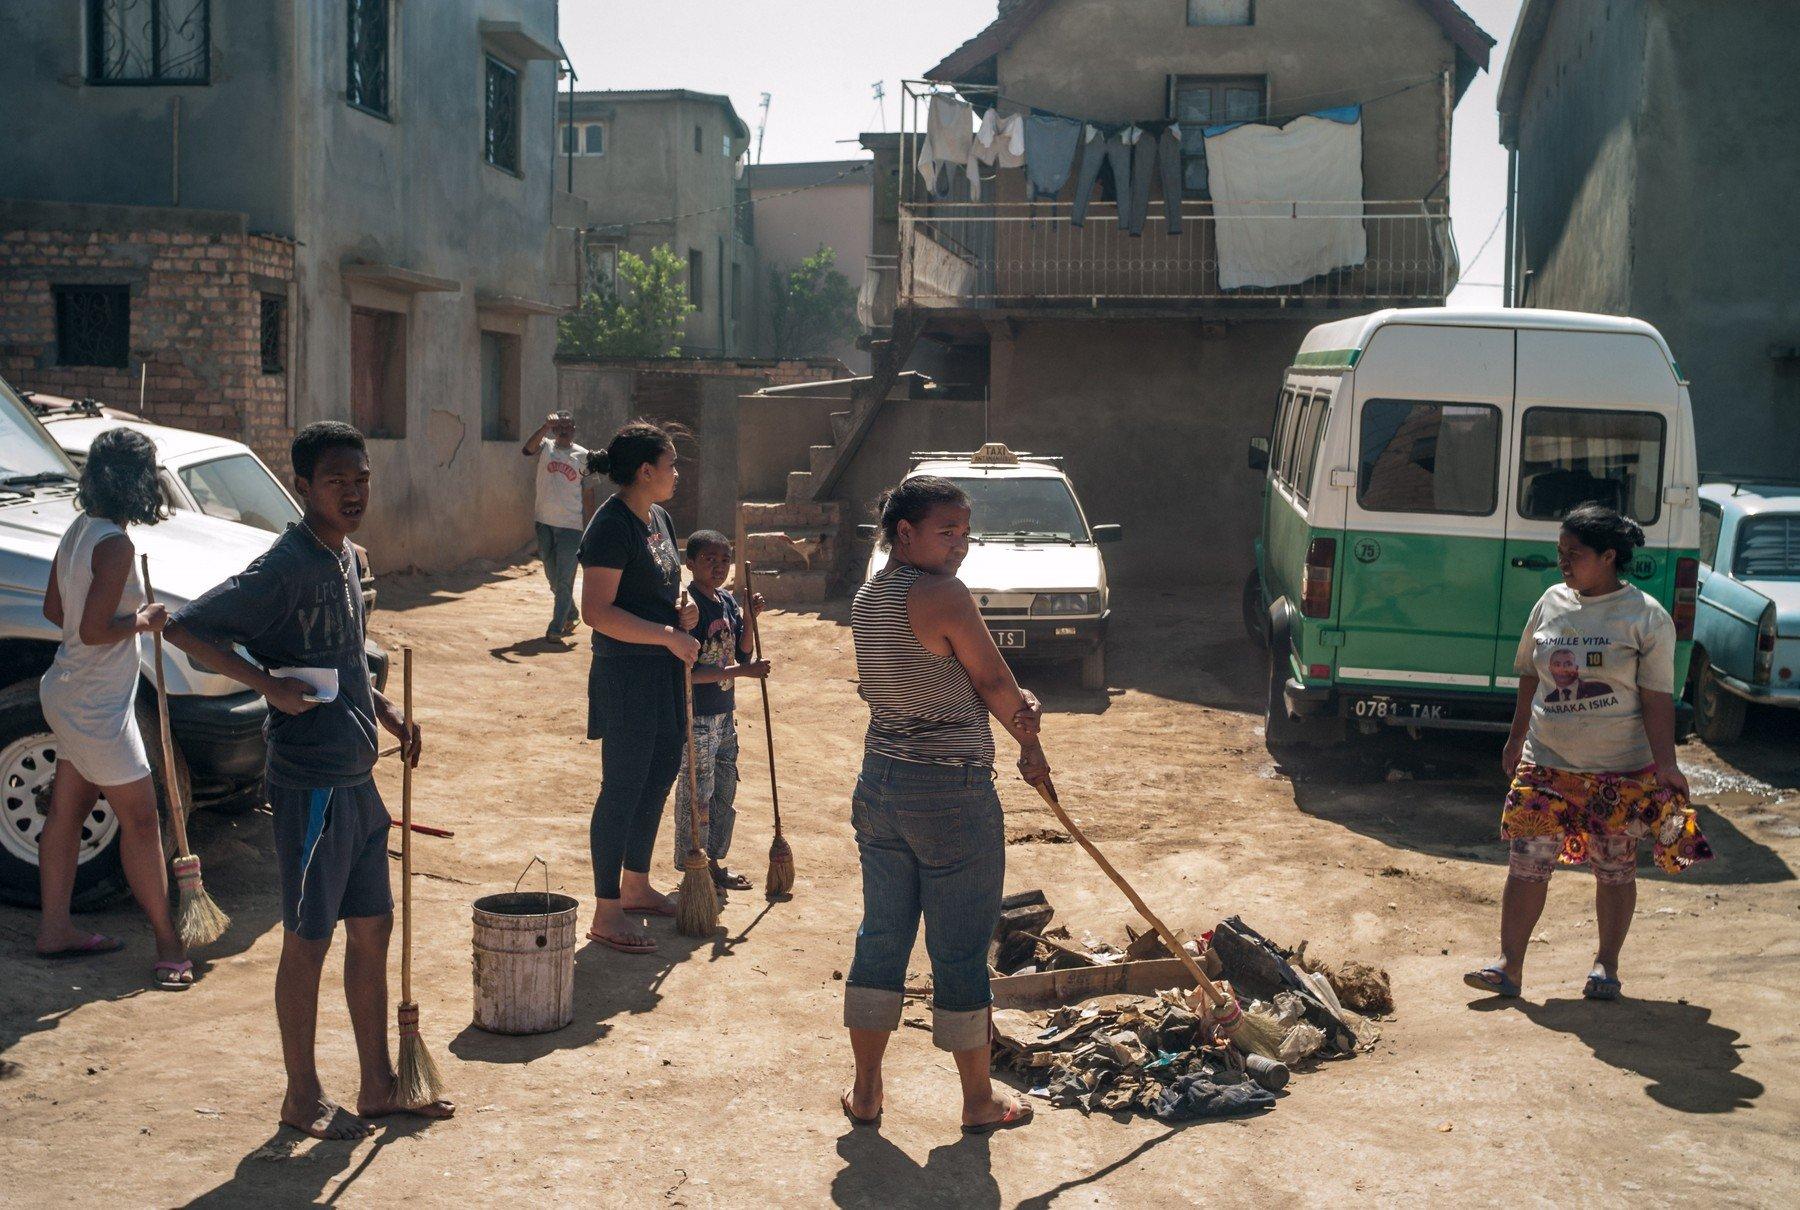 Stanovništvo u Antananarivu na Madagaskaru čisti susjedstvo i pali 'sumnjive' predmete